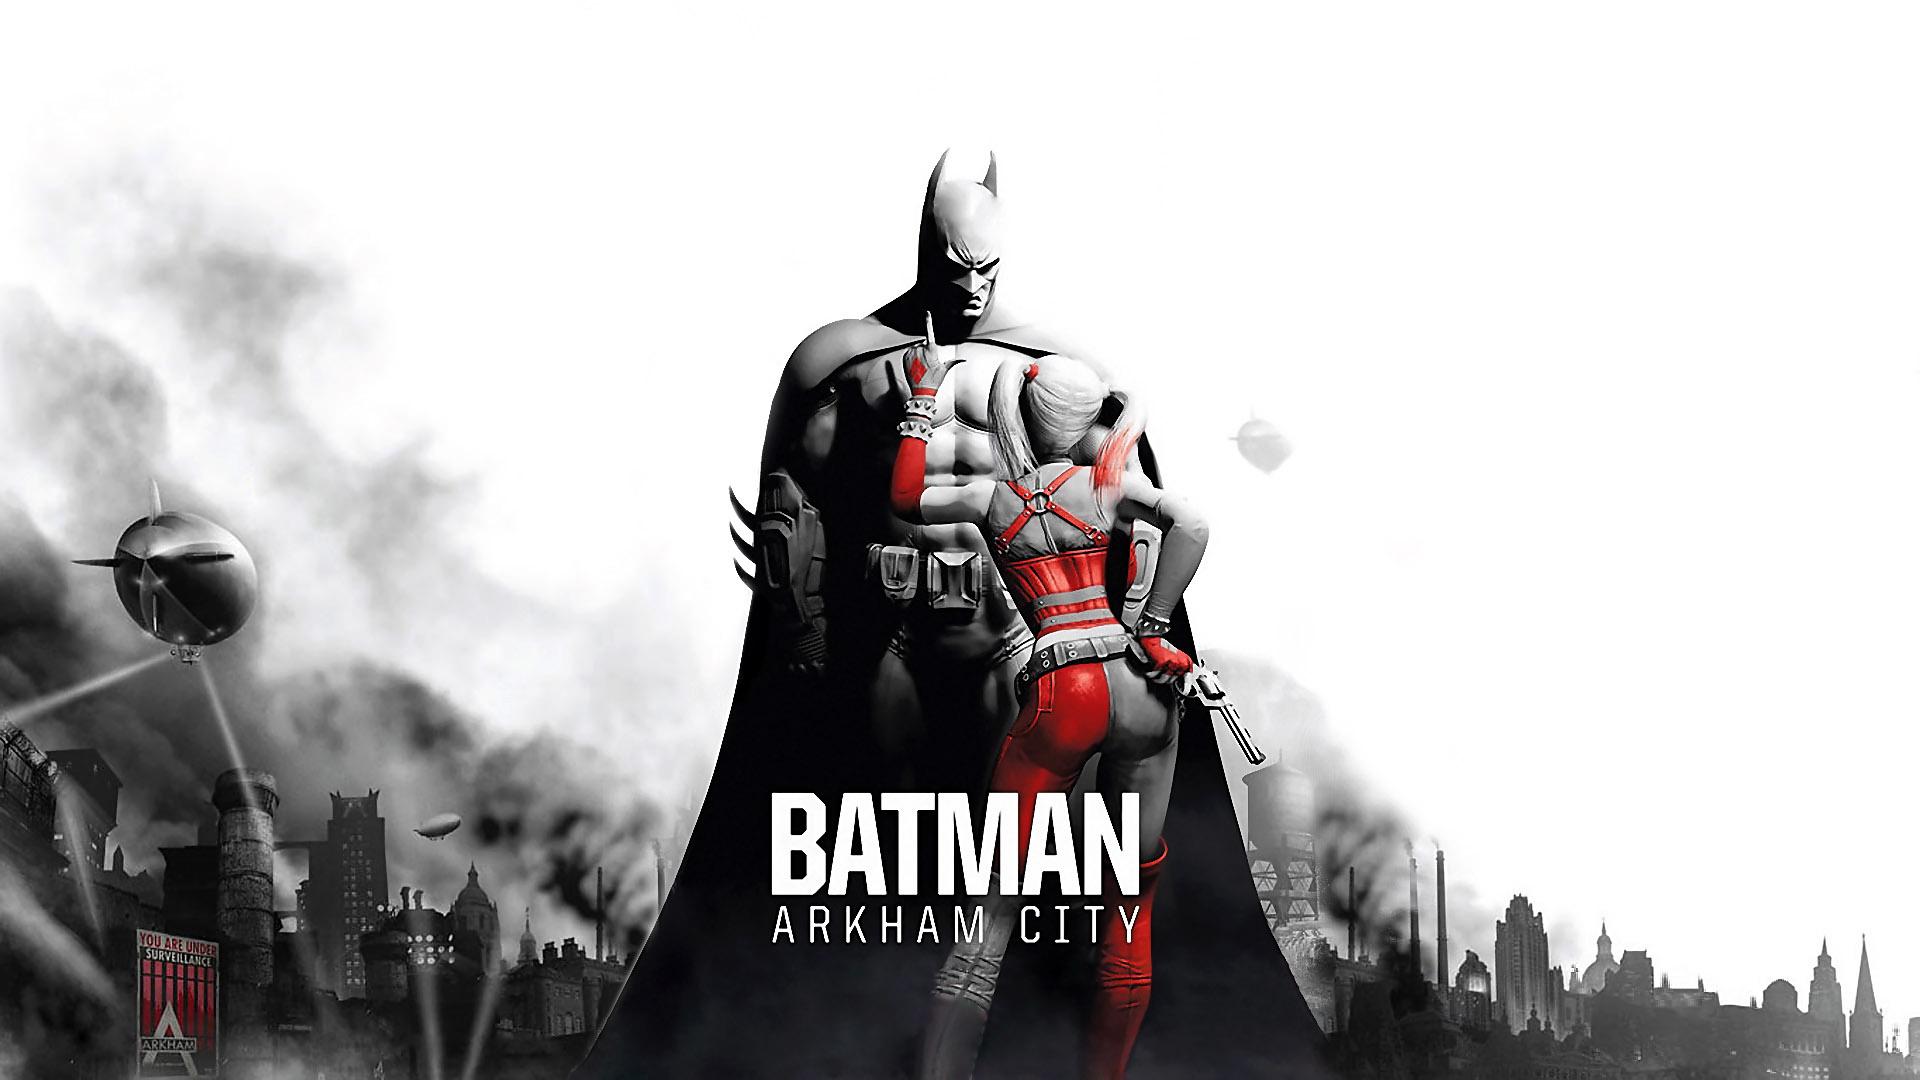 Batman Arkham City - Disponibili i requisiti hardware per Batman Arkham City